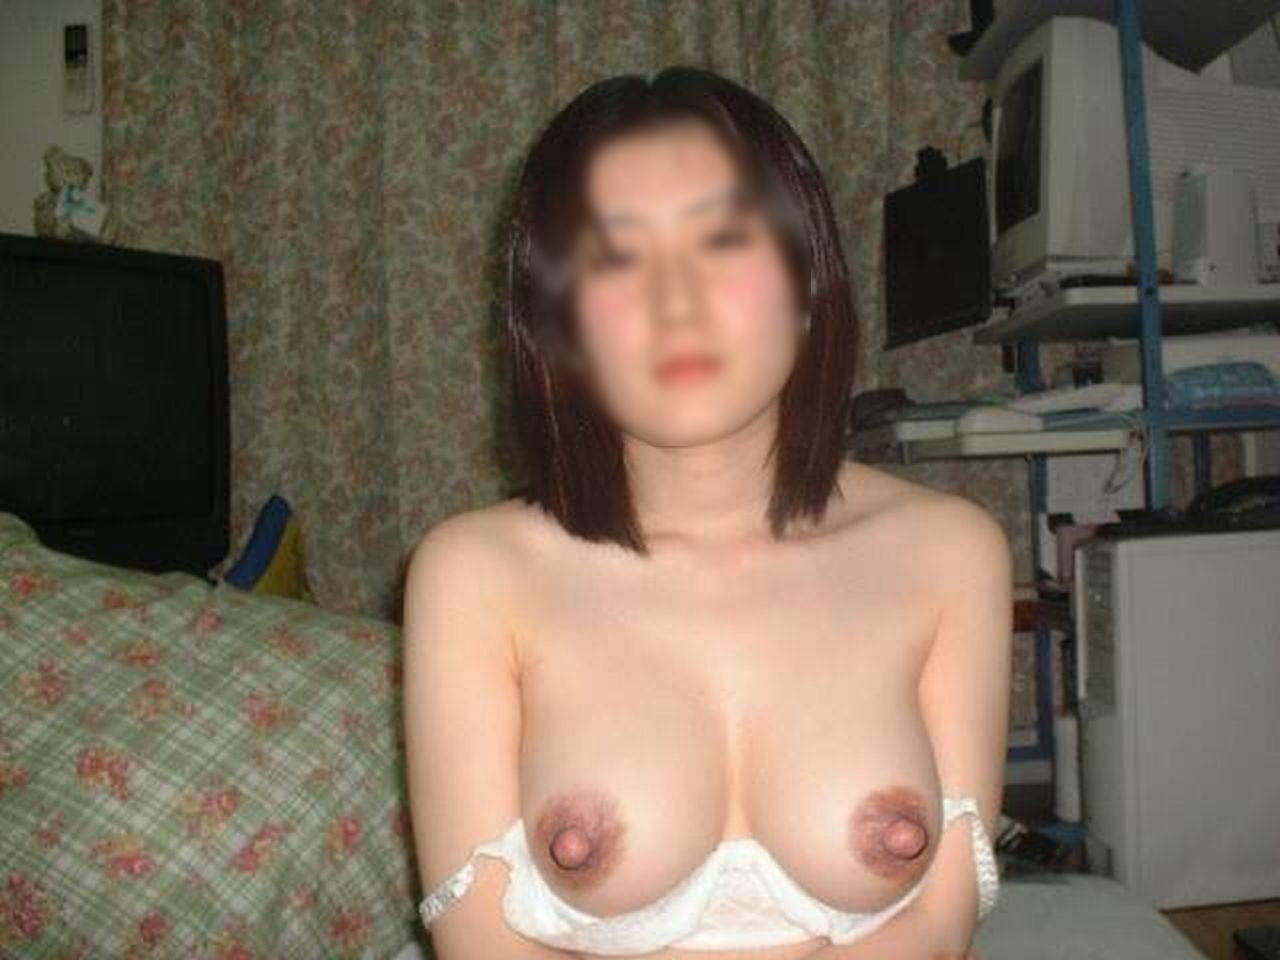 肉感的な人妻熟女のおっぱいにしゃぶり付きたい素人エロ画像 316